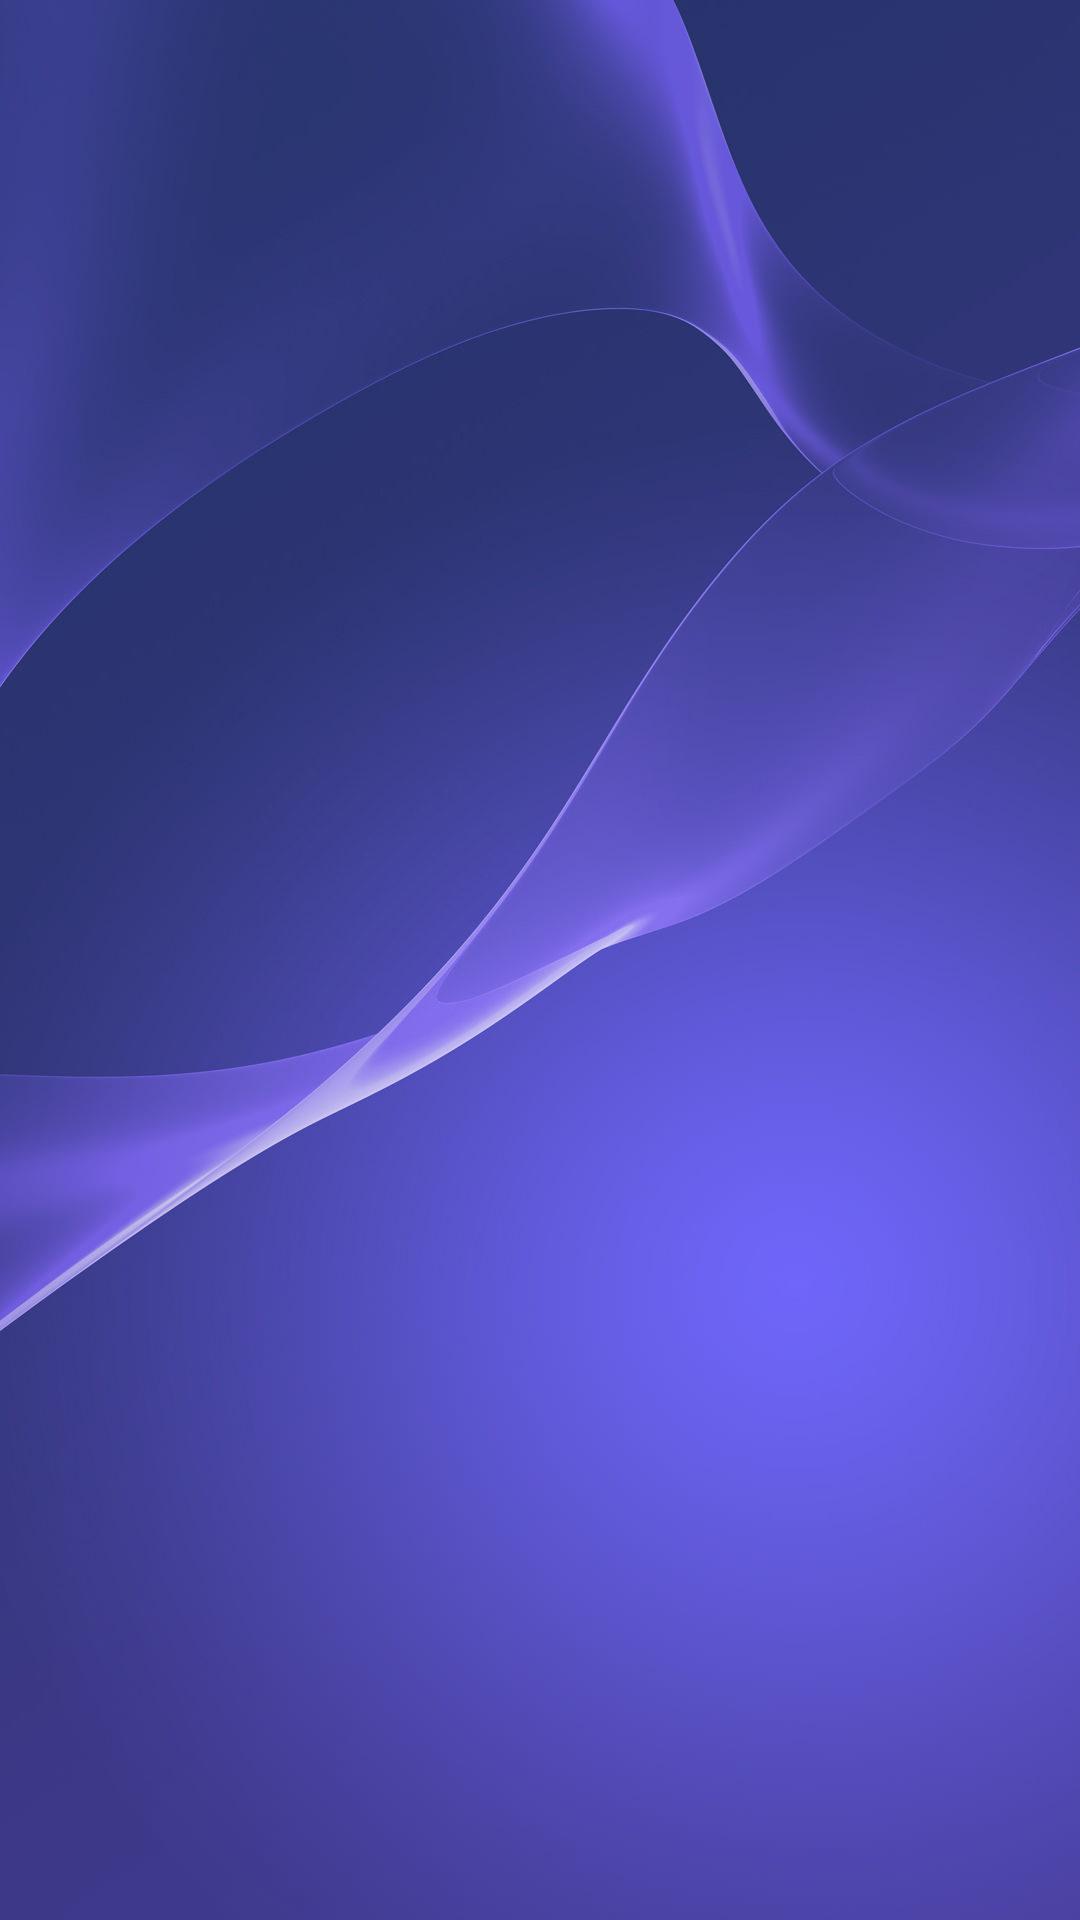 クリーンな紫 iPhone6 Plus 壁紙